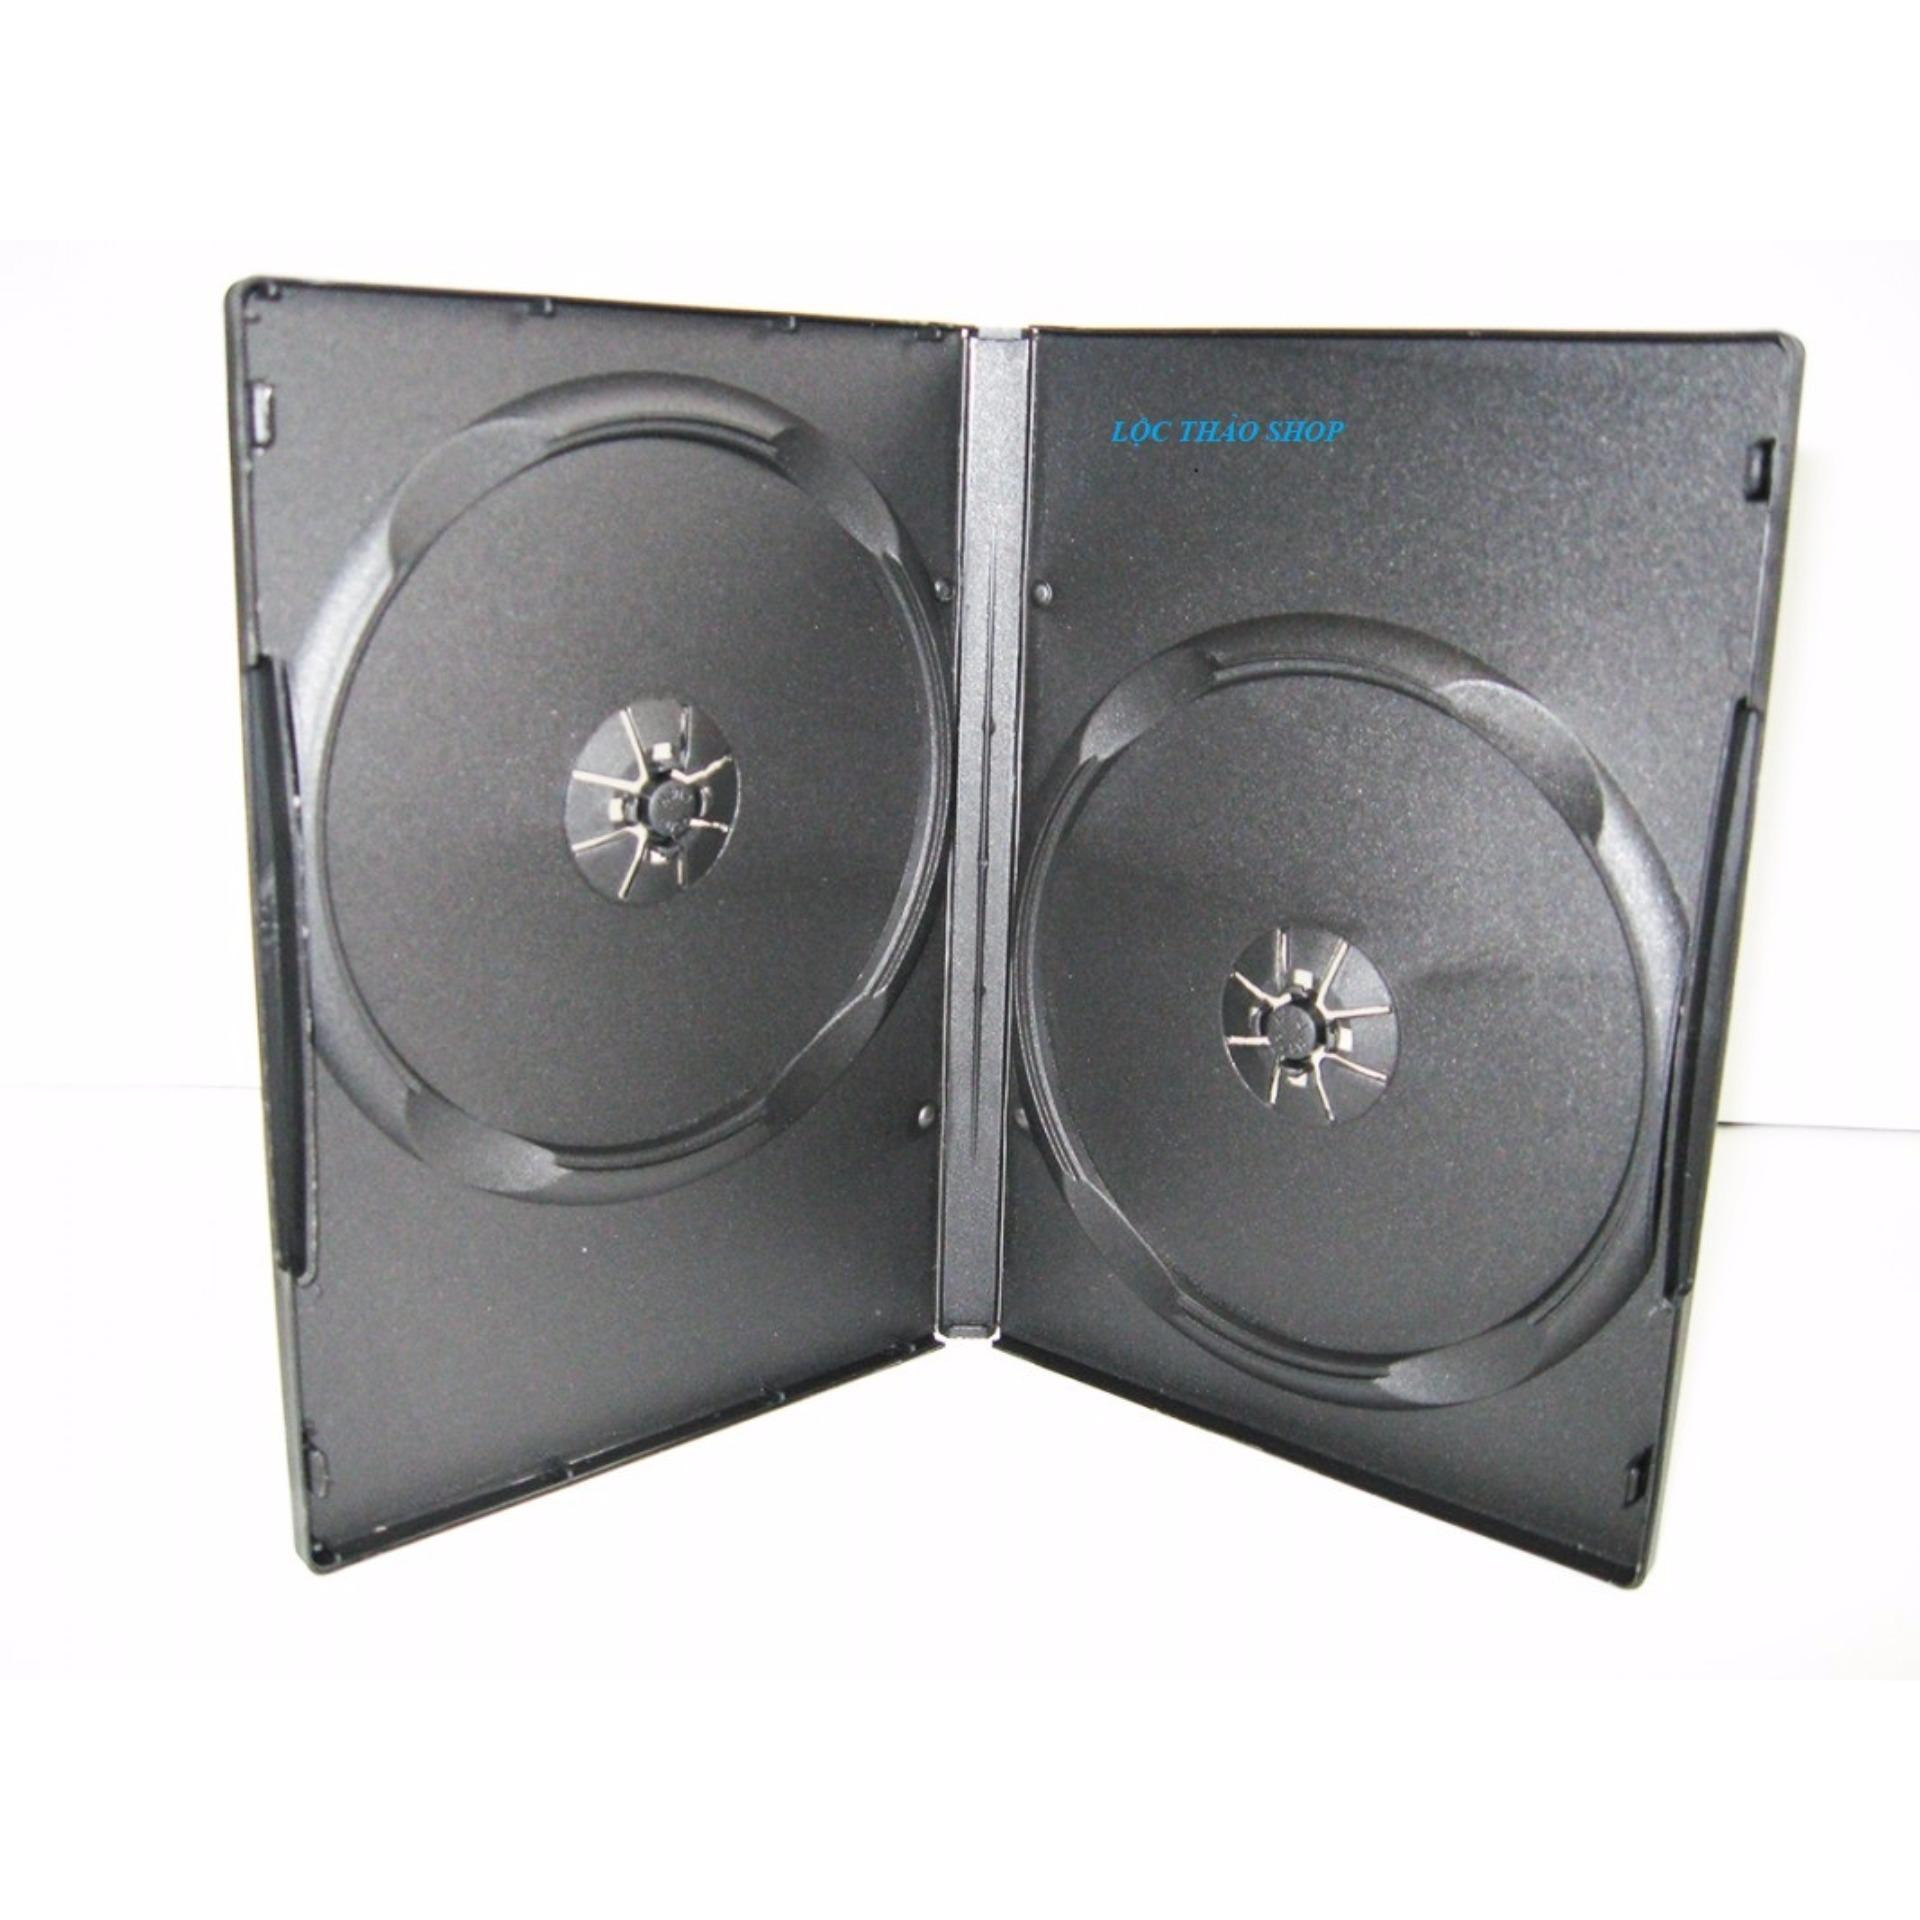 Địa Chỉ Bán Bộ 10 Hộp đựng đĩa CD DVD Hình chữ nhật LOẠI DÀY MÀU ĐEN(HỘP ĐỰNG 2 ĐĨA)